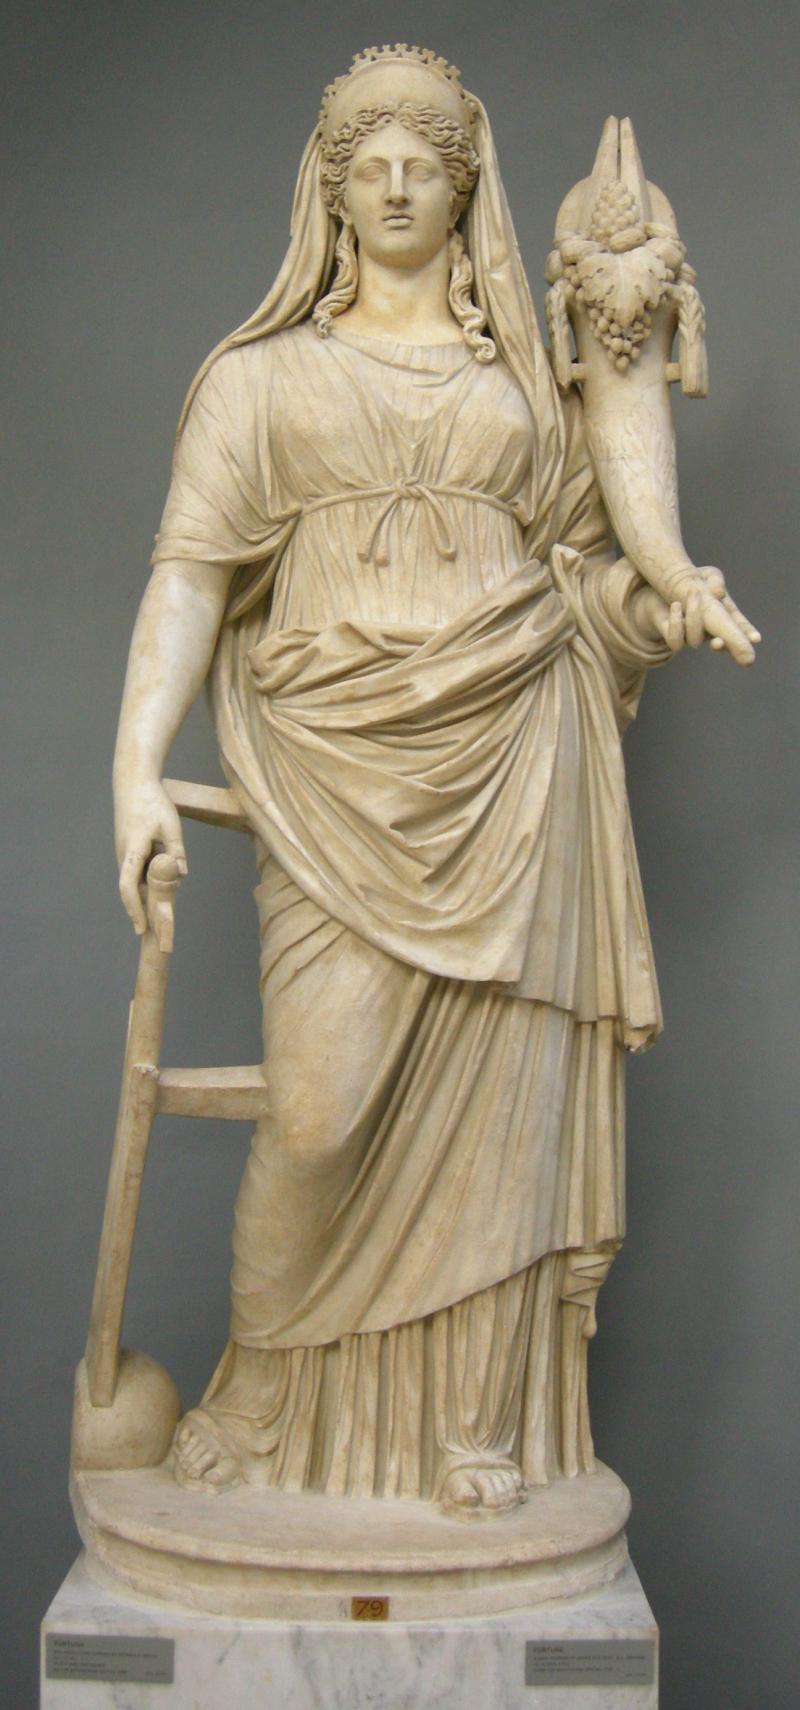 Fortuna _rielaborazione_romana_da_originale_greco_del_IV_secolo_ac._con_testa_non_pertinente _da_tor_bovicciana_(ostia) _inv._2244